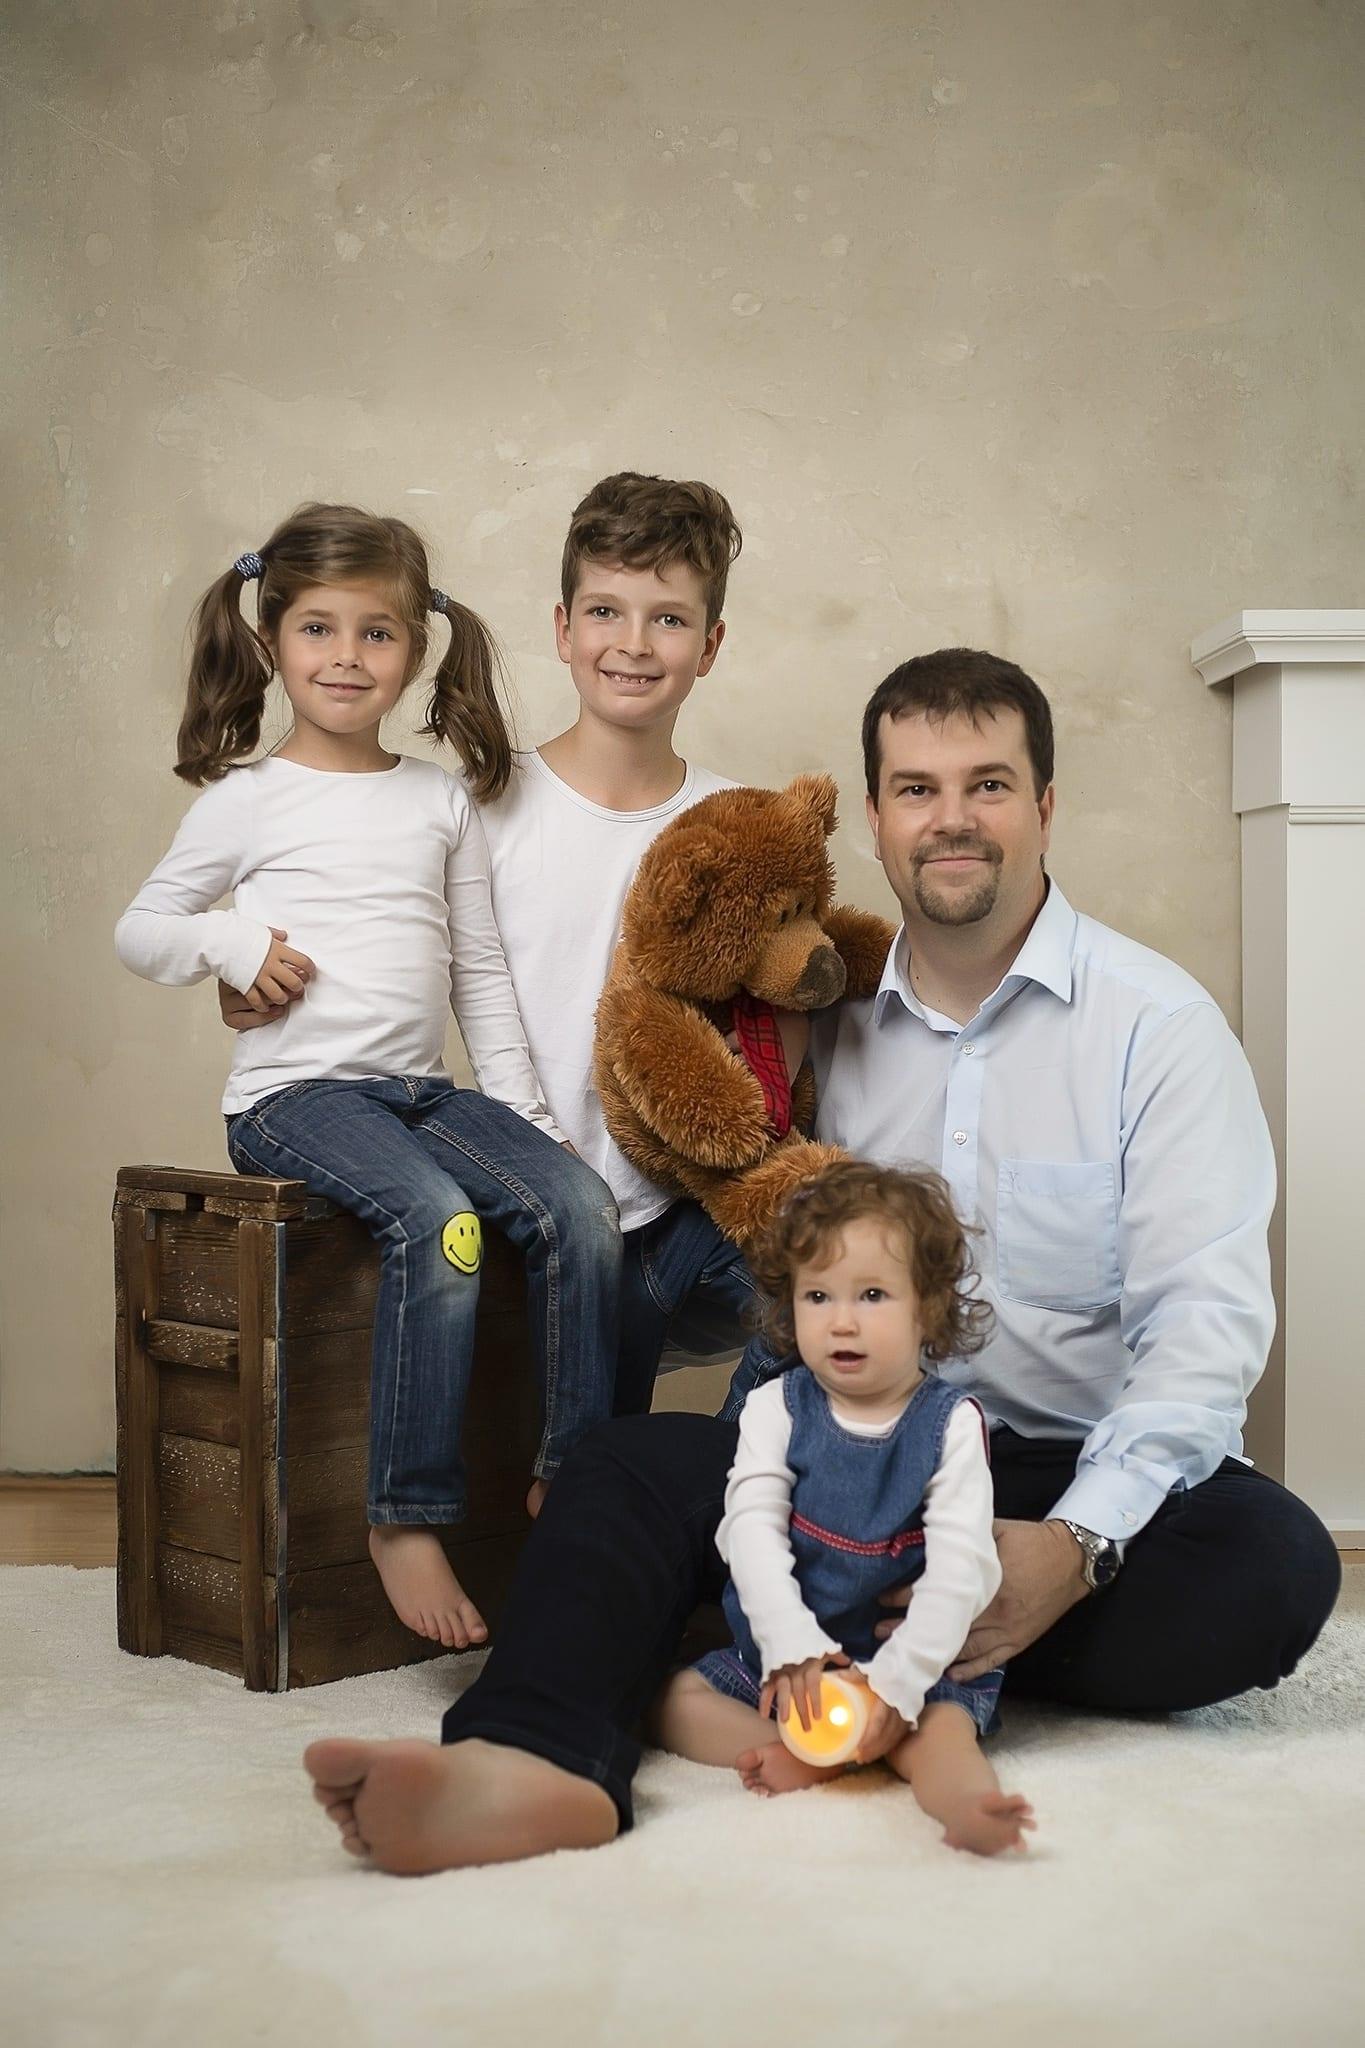 Kreatív családi fotózáson készült képek